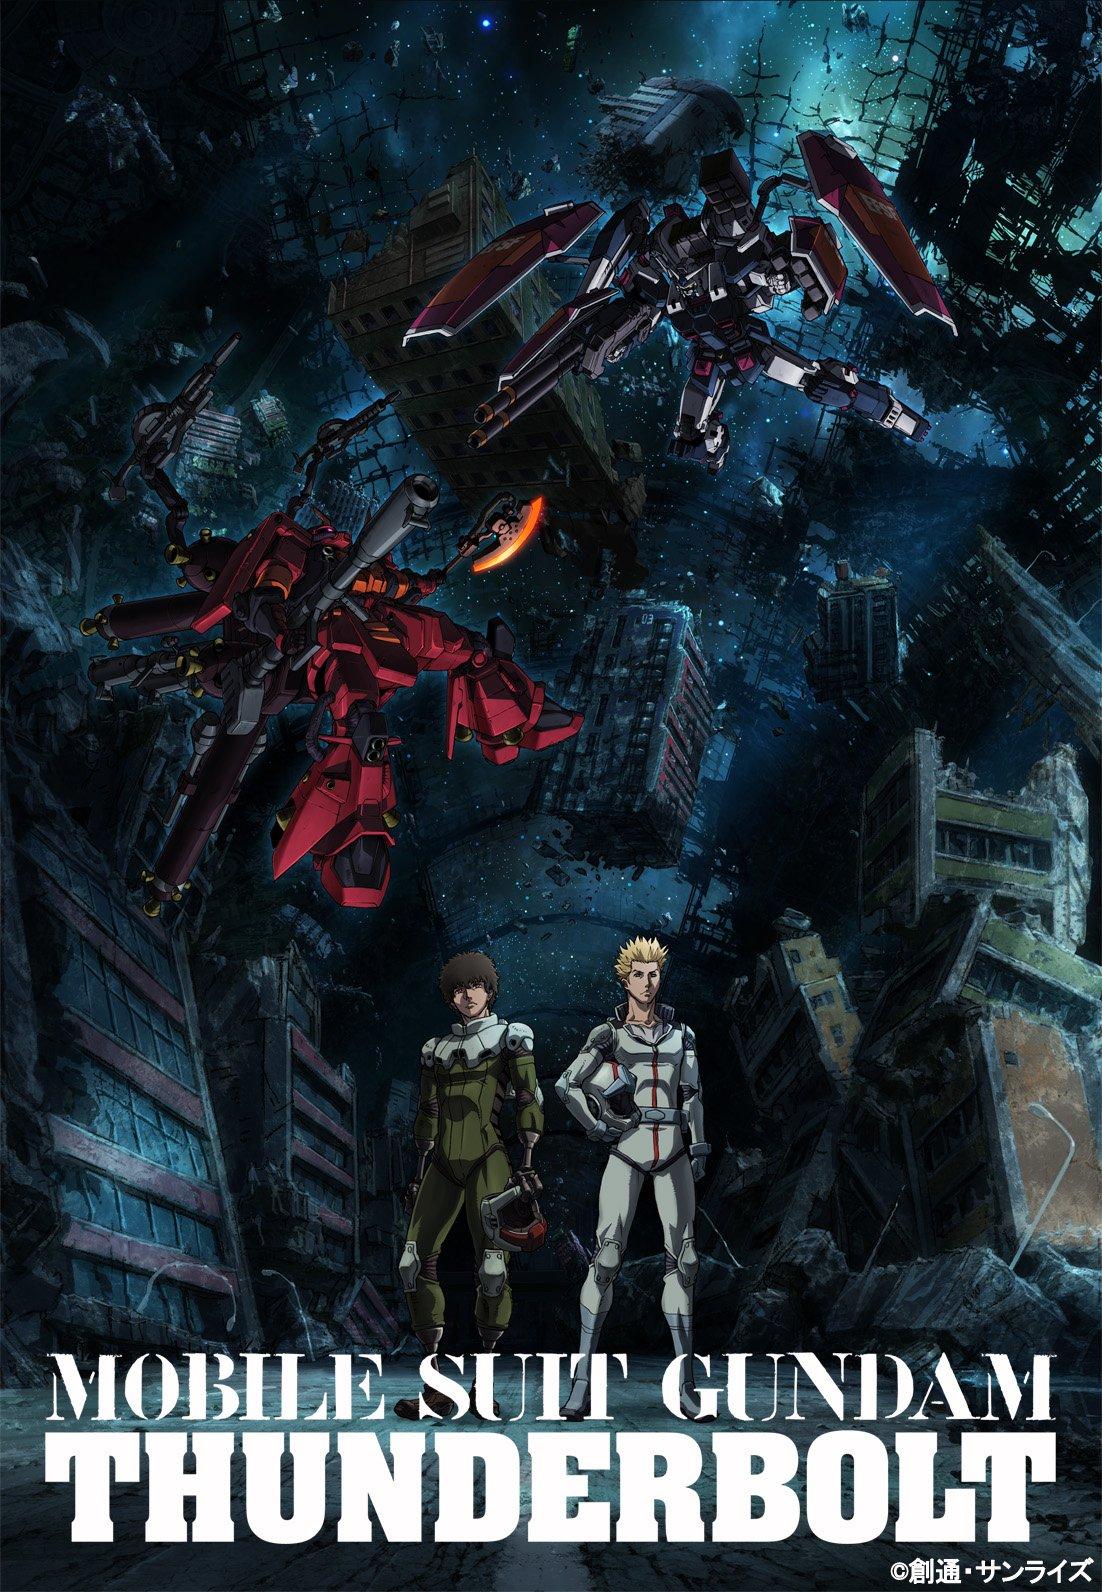 Mobile Suit Gundam : THUNDERBOLT Poster